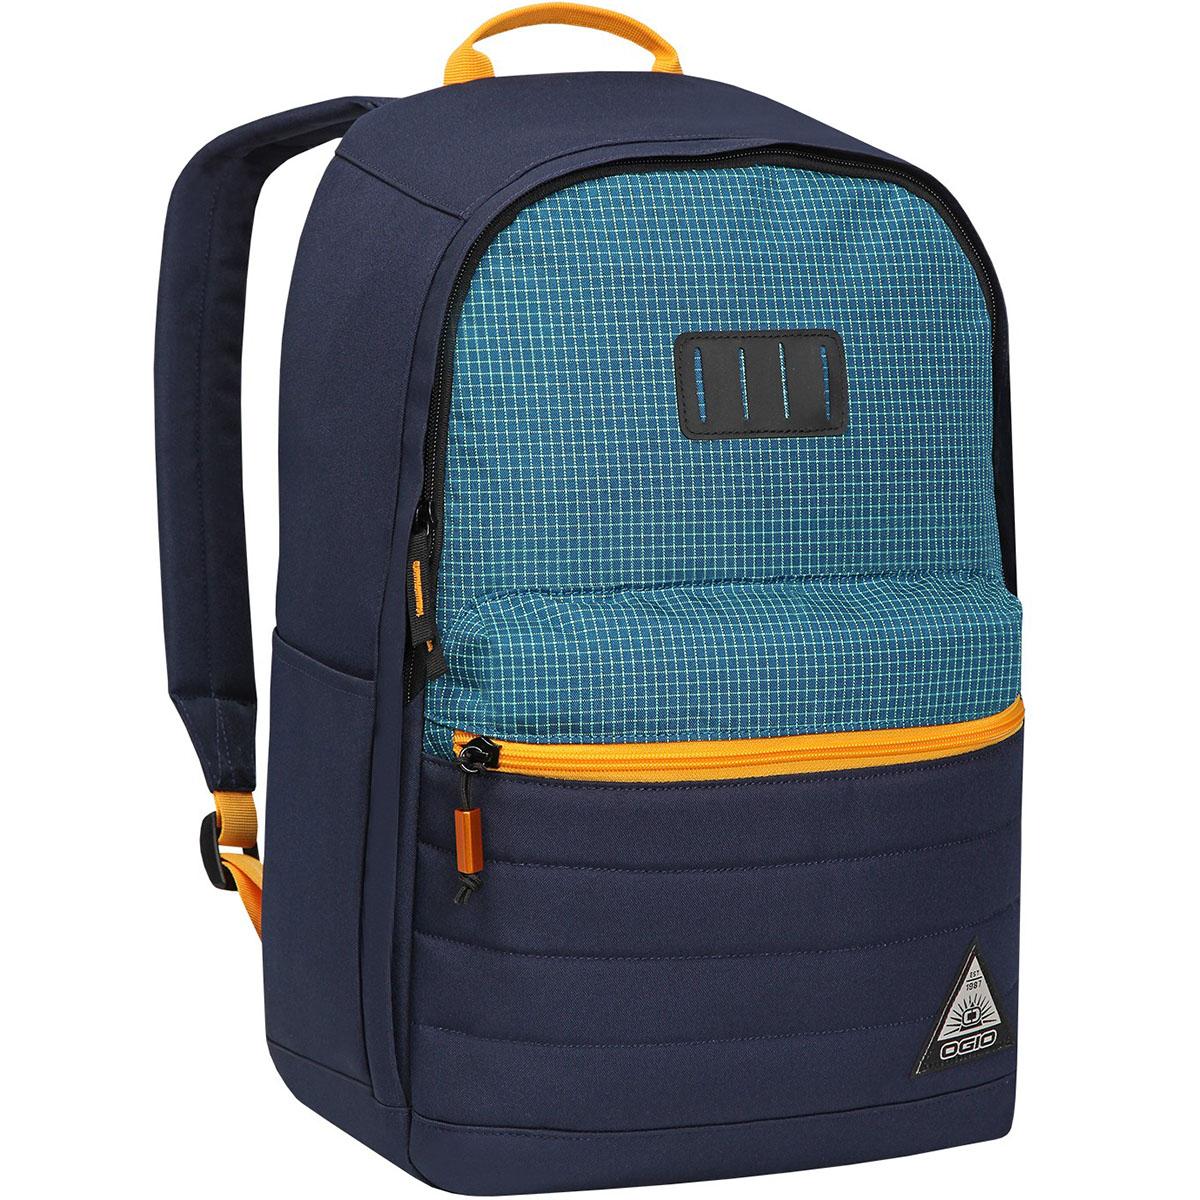 Рюкзак городской OGIO Urban. Lewis Pack (A/S), цвет: синий, желтый. 031652226951031652226951Рюкзак OGIO Urban. Lewis Pack (A/S) разработан для ярких и модных людей! Он позволит вам взять с собой все необходимое.Рюкзак OGIO Urban. Lewis Pack (A/S) компактный, но при этом достаточно вместительный. Имеется специализированный отсек для ноутбука, а также уплотненный карман для ценных вещей на молнии. Внешний передний и боковой карманы на вертикальной молнии обеспечивают быстрый доступ к содержимому, позволяя всегда держать необходимые аксессуары и документы поблизости.OGIO - высокотехнологичный продукт от американского производителя. Вместимые сумки для путешествий, работы и отдыха, специальная коллекция городских сумок для женщин, жесткие боксы под мелкий инвентарь и многое другое.